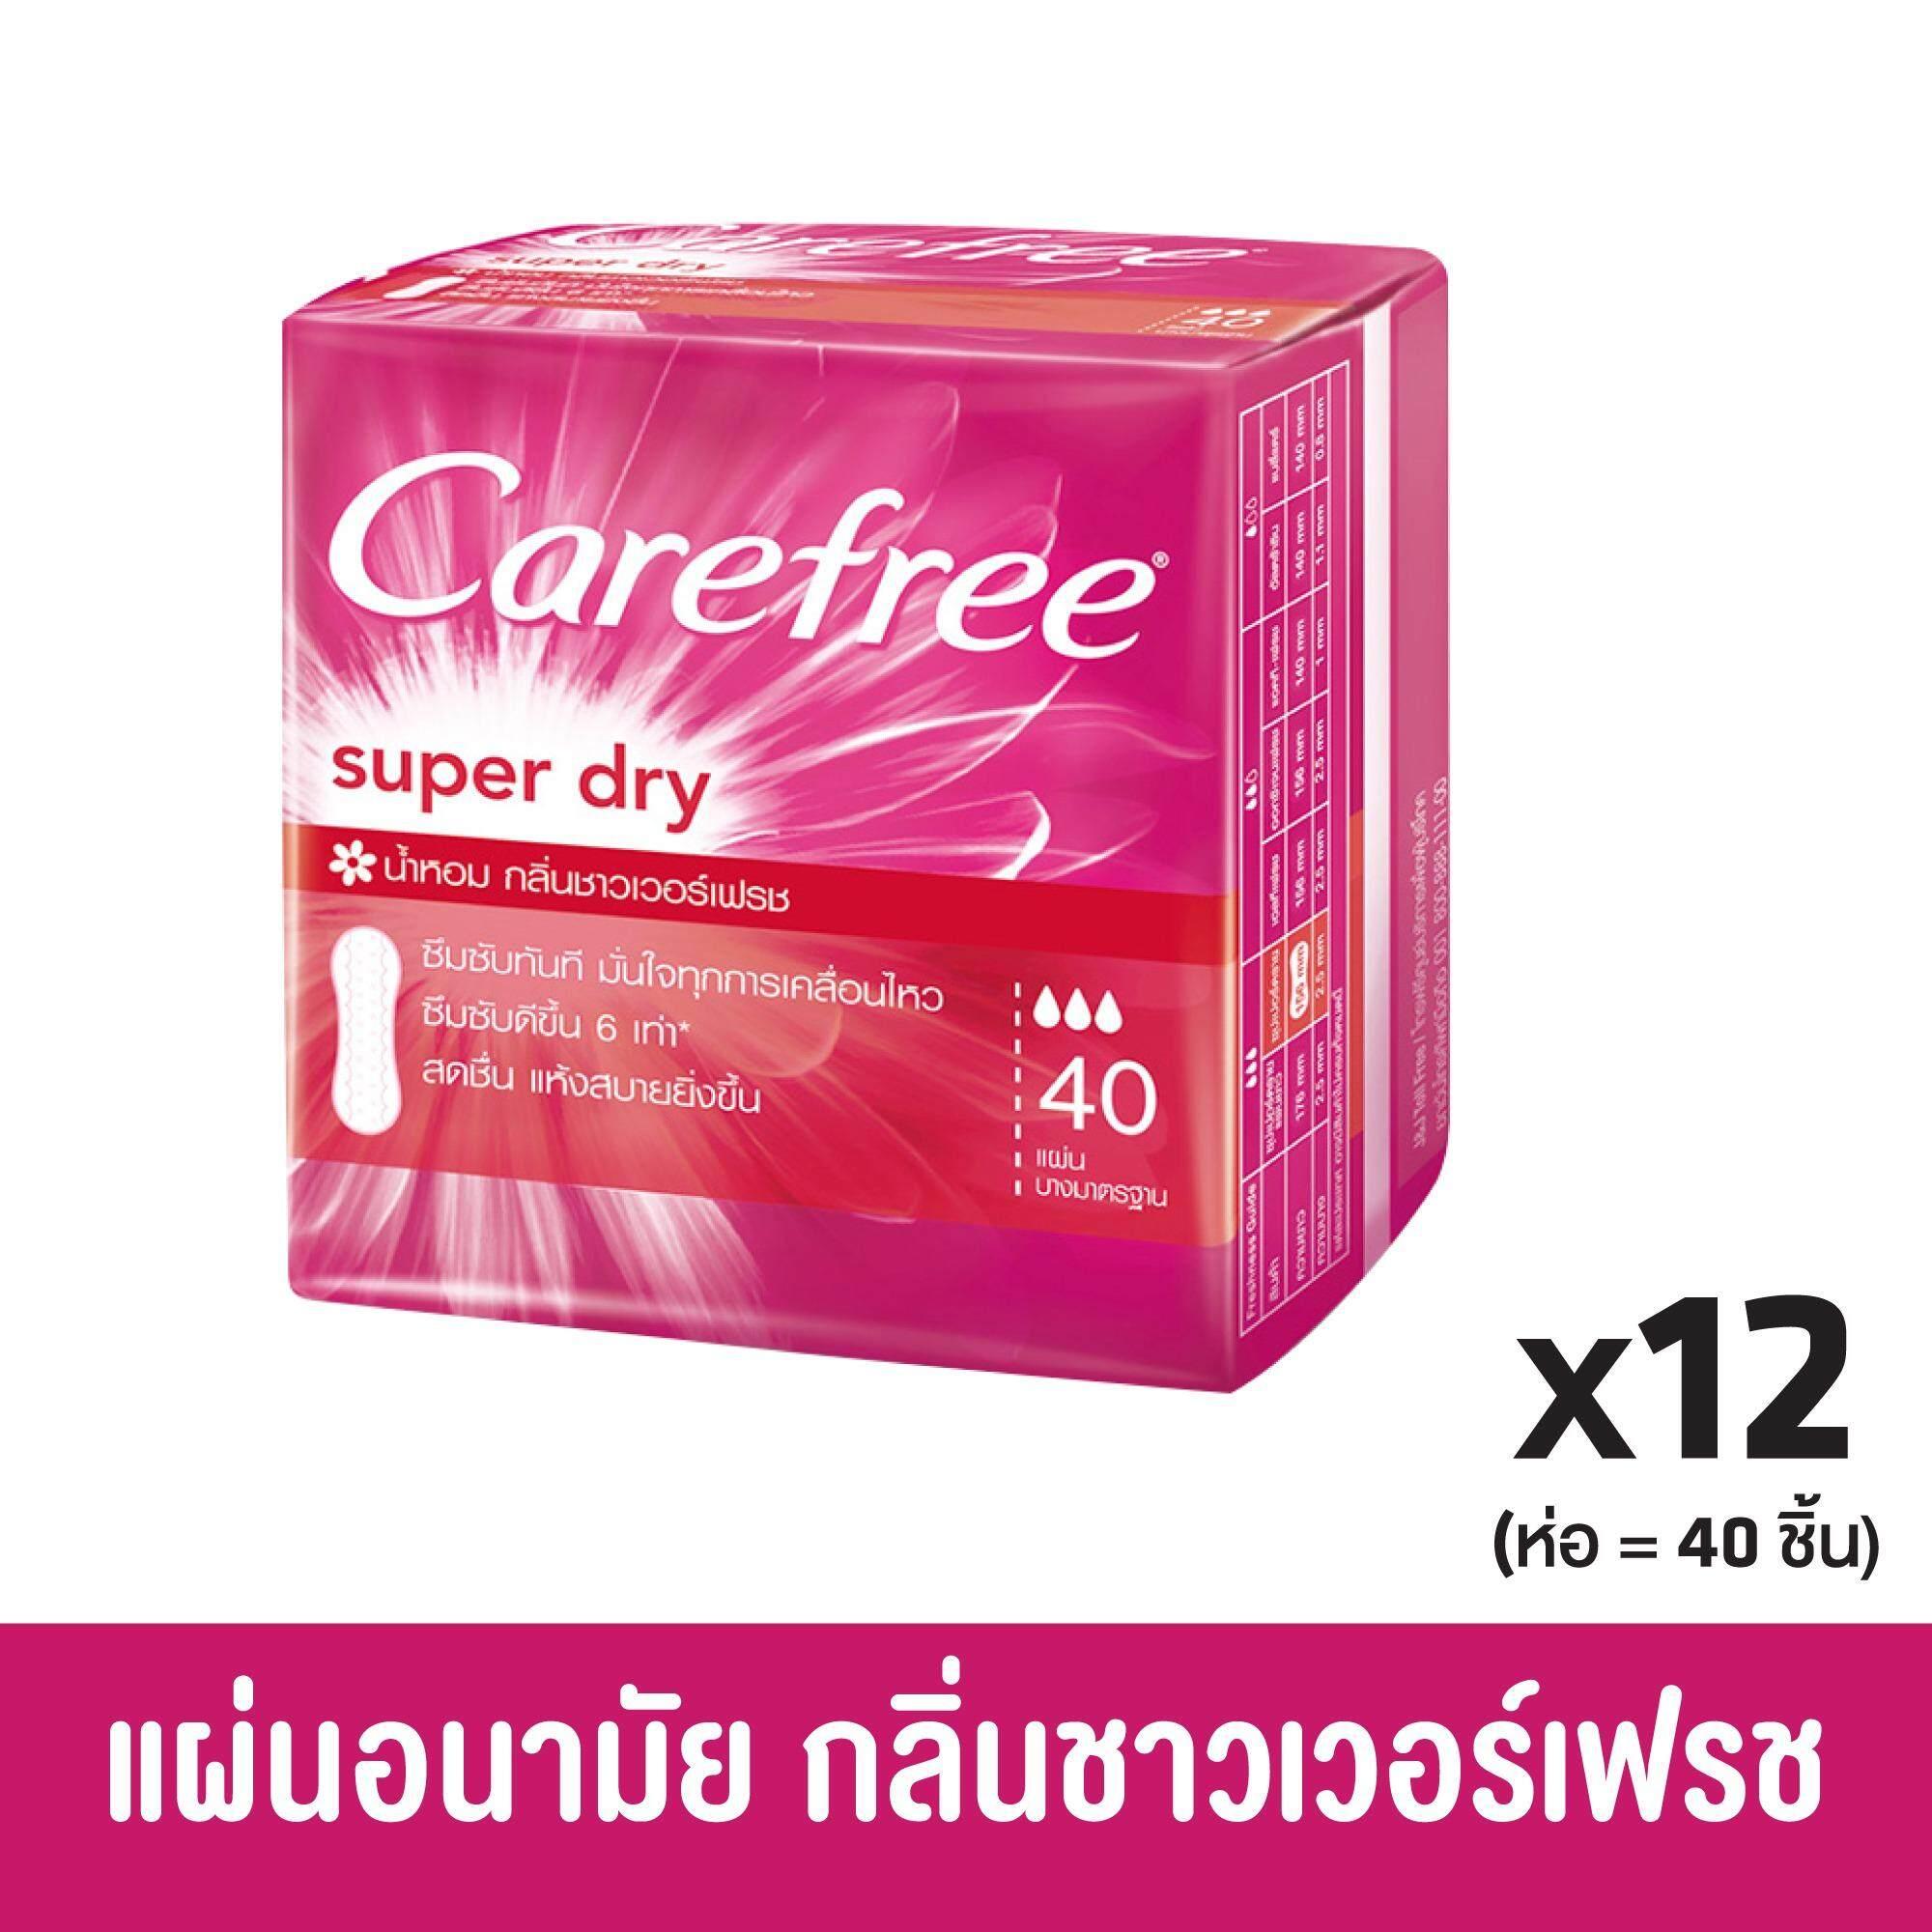 Carefree แคร์ฟรี ซุปเปอร์ดรายชาวเวอร์เฟรช 40 ชื้น x 12